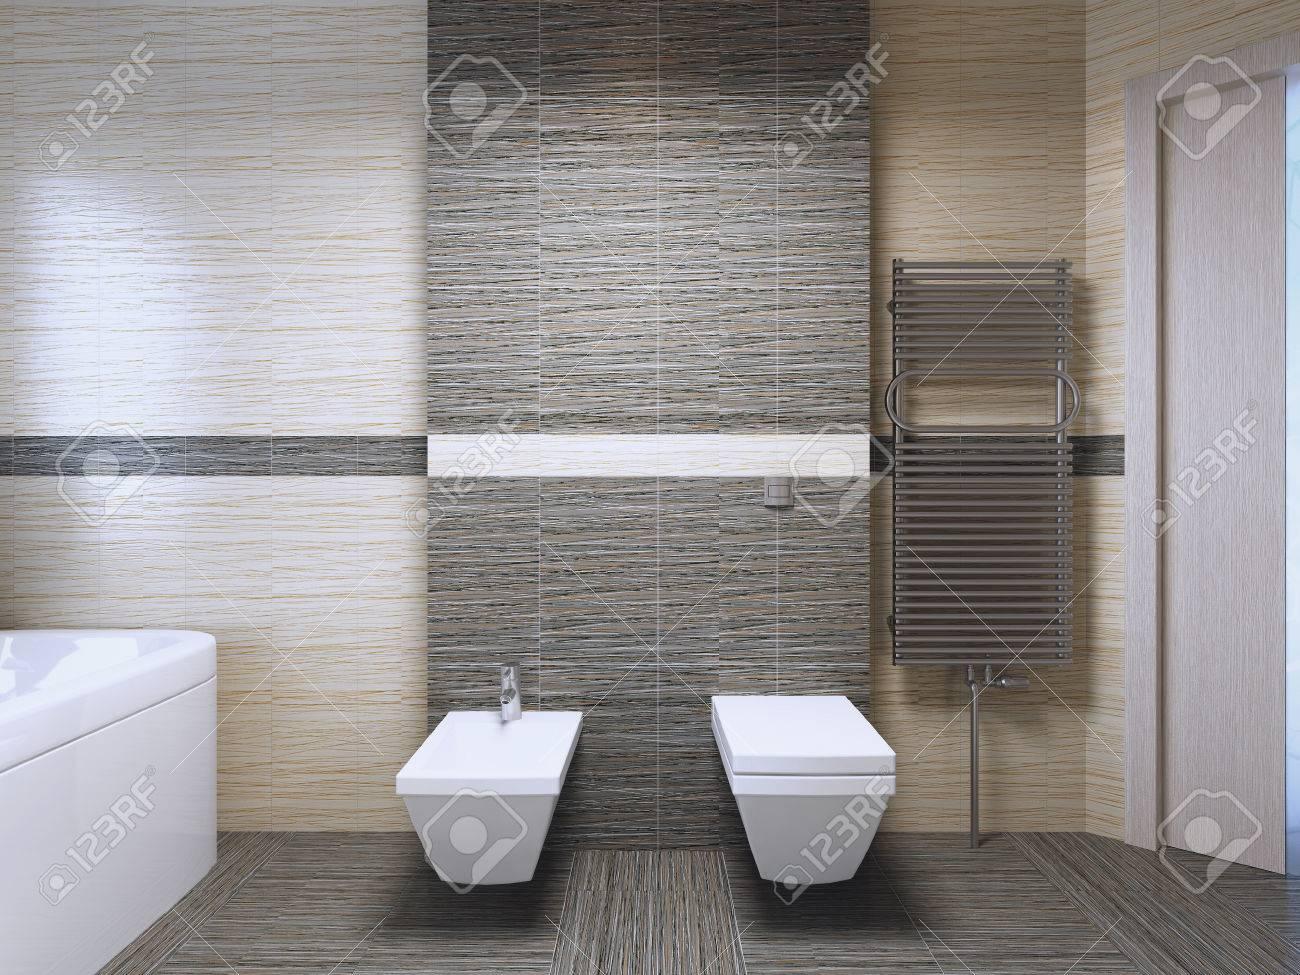 Badezimmer Mit Zebrano Fliesen Trend. 3D übertragen Standard Bild   50513914